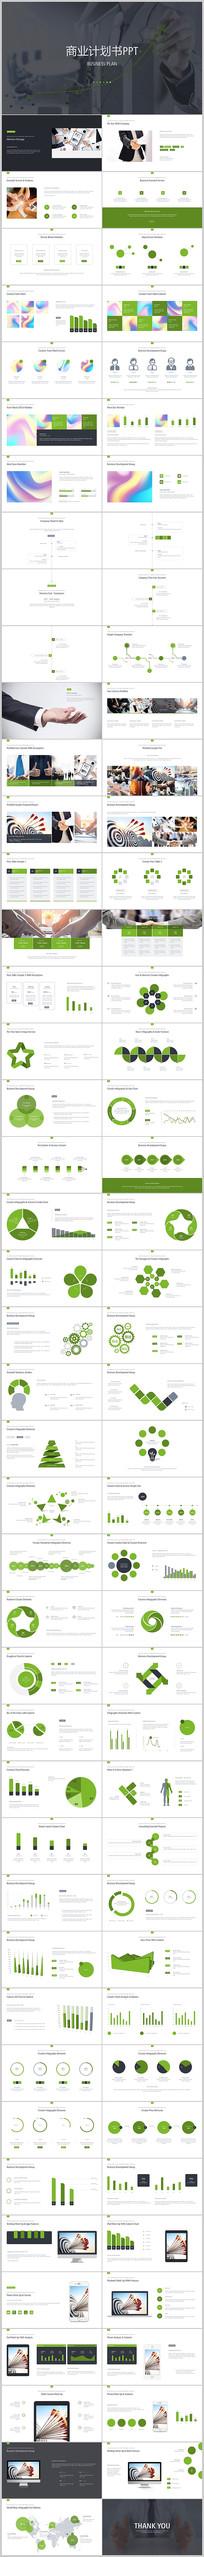 绿色通用创业商业计划书PPT